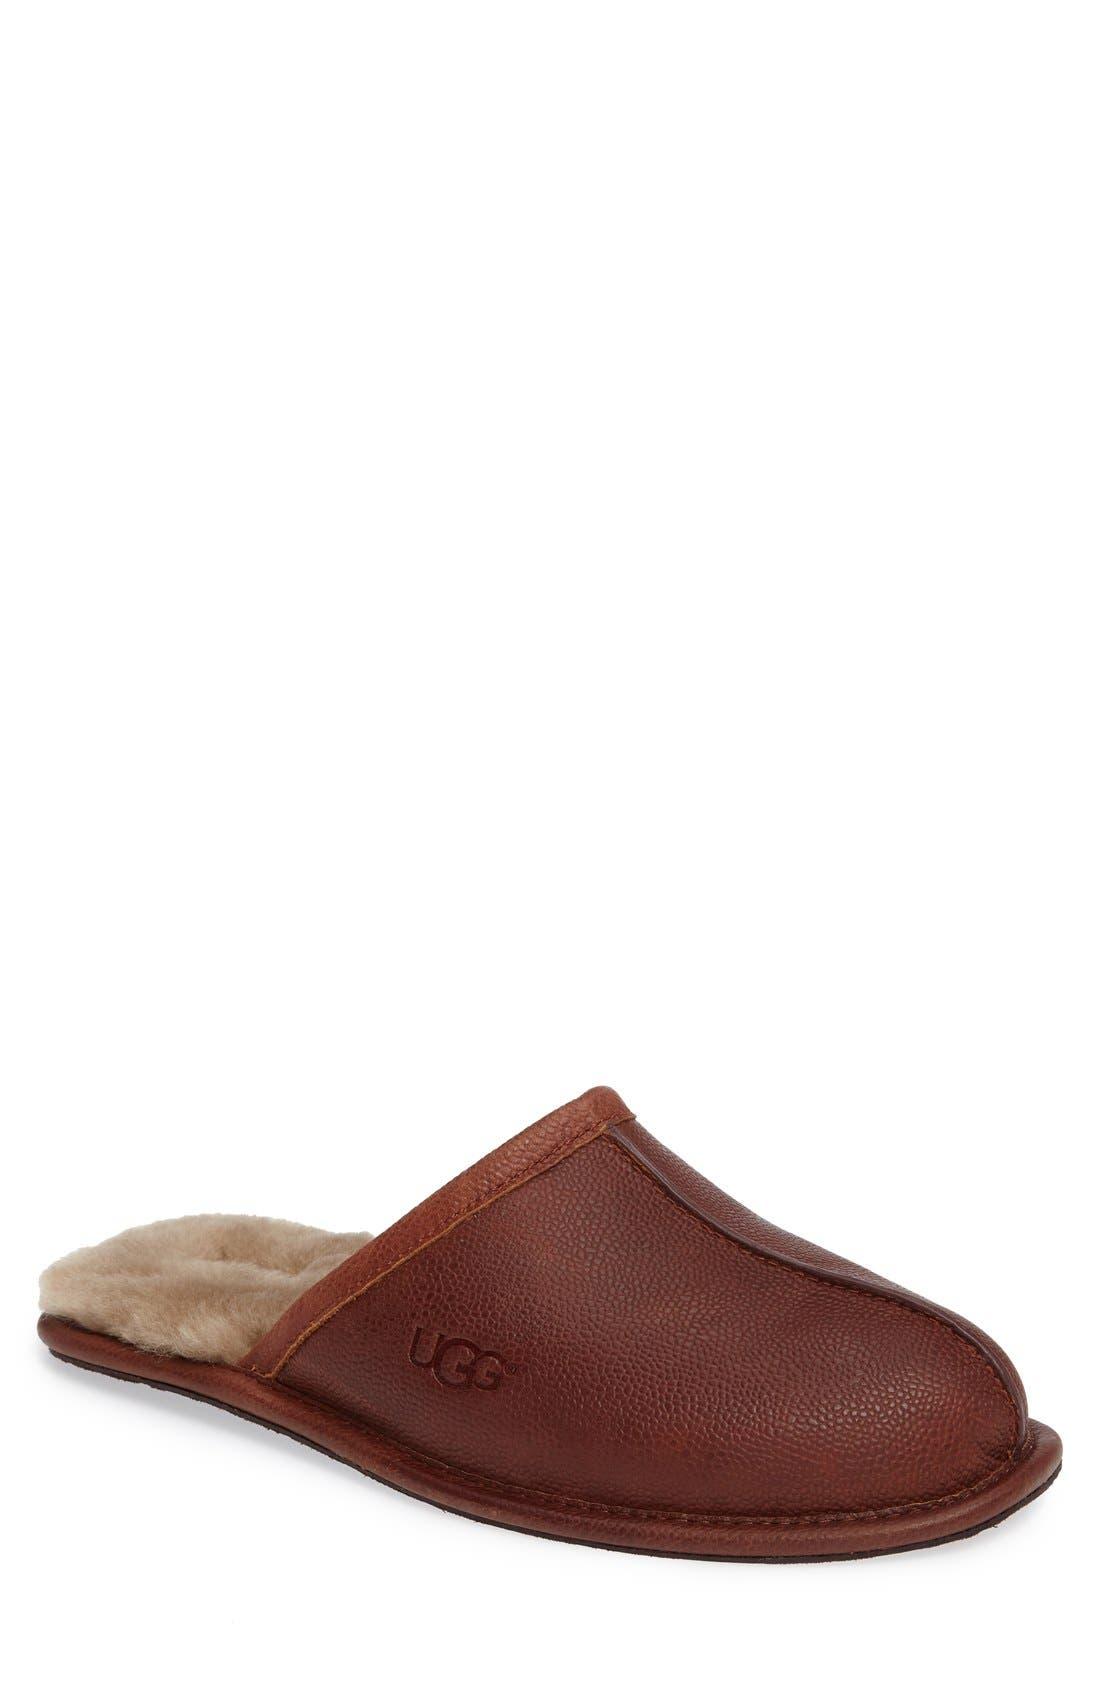 ugg ascot slipper chestnut oiled leather mens